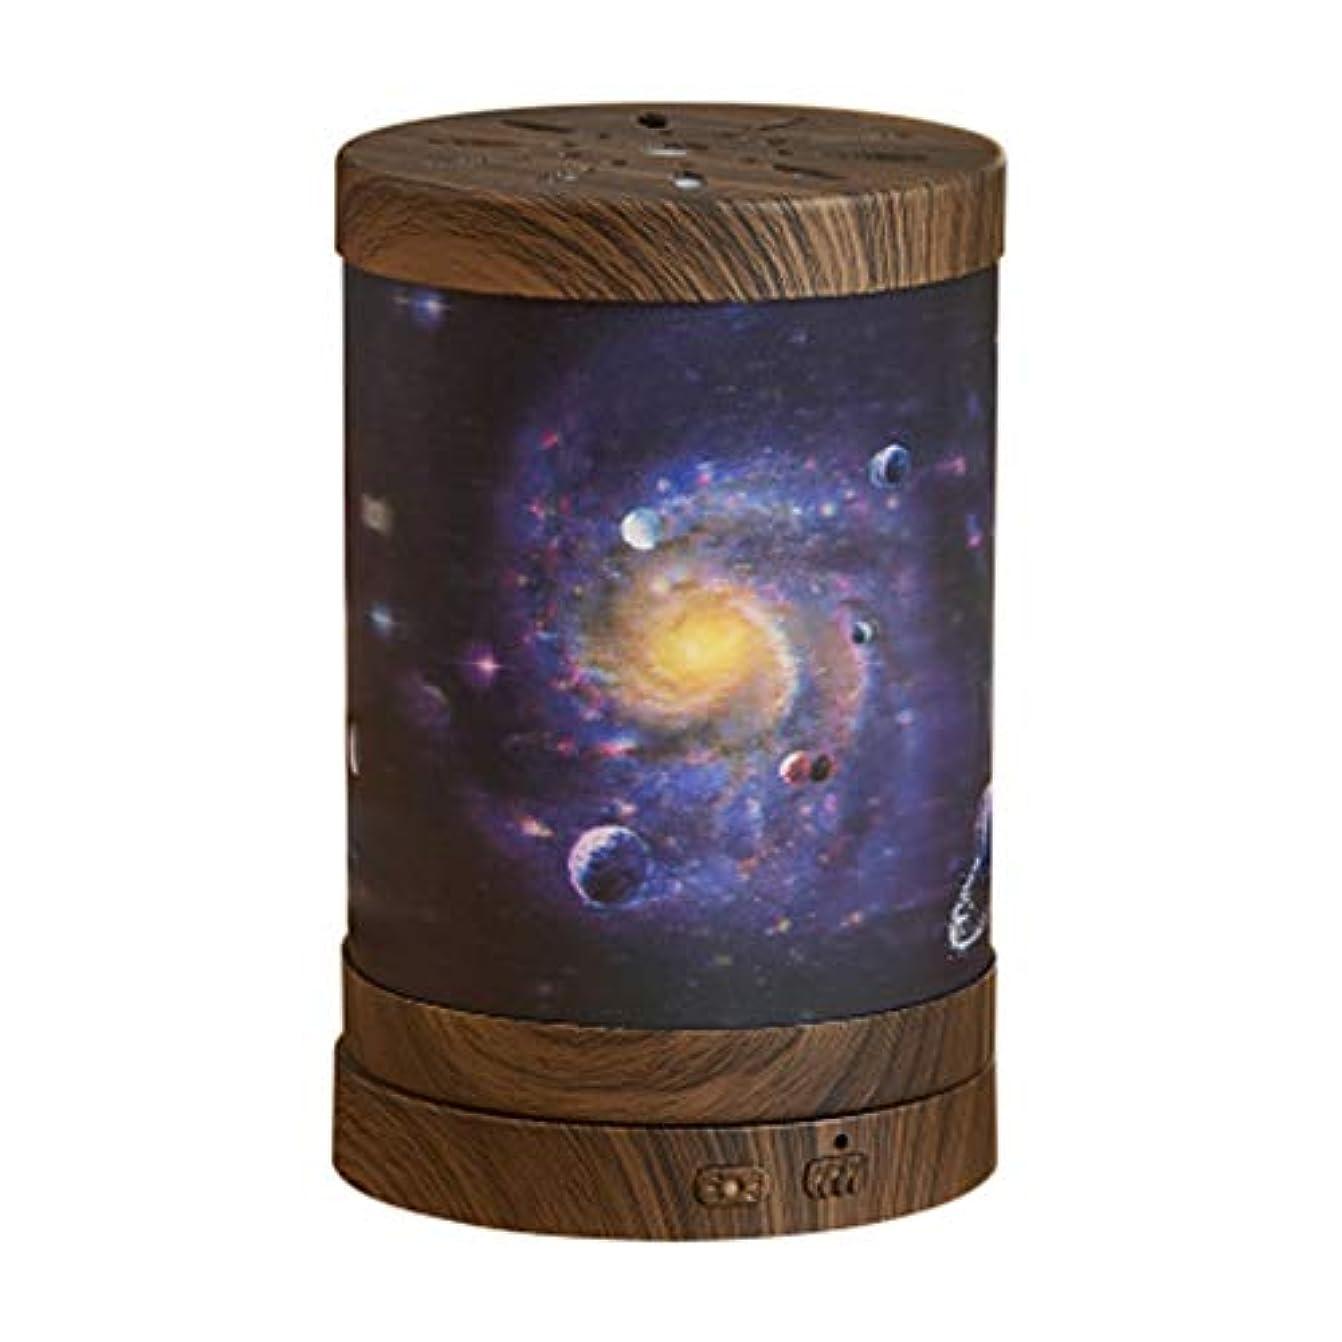 間欠象バルセロナエッセンシャルオイルディフューザー、ギャラクシーのテーマエッセンシャルオイルディフューザー超音波ディフューザークールミスト加湿器、水なしオートクロージング、7色LEDホームライト交換 (Color : Dark wood grain)